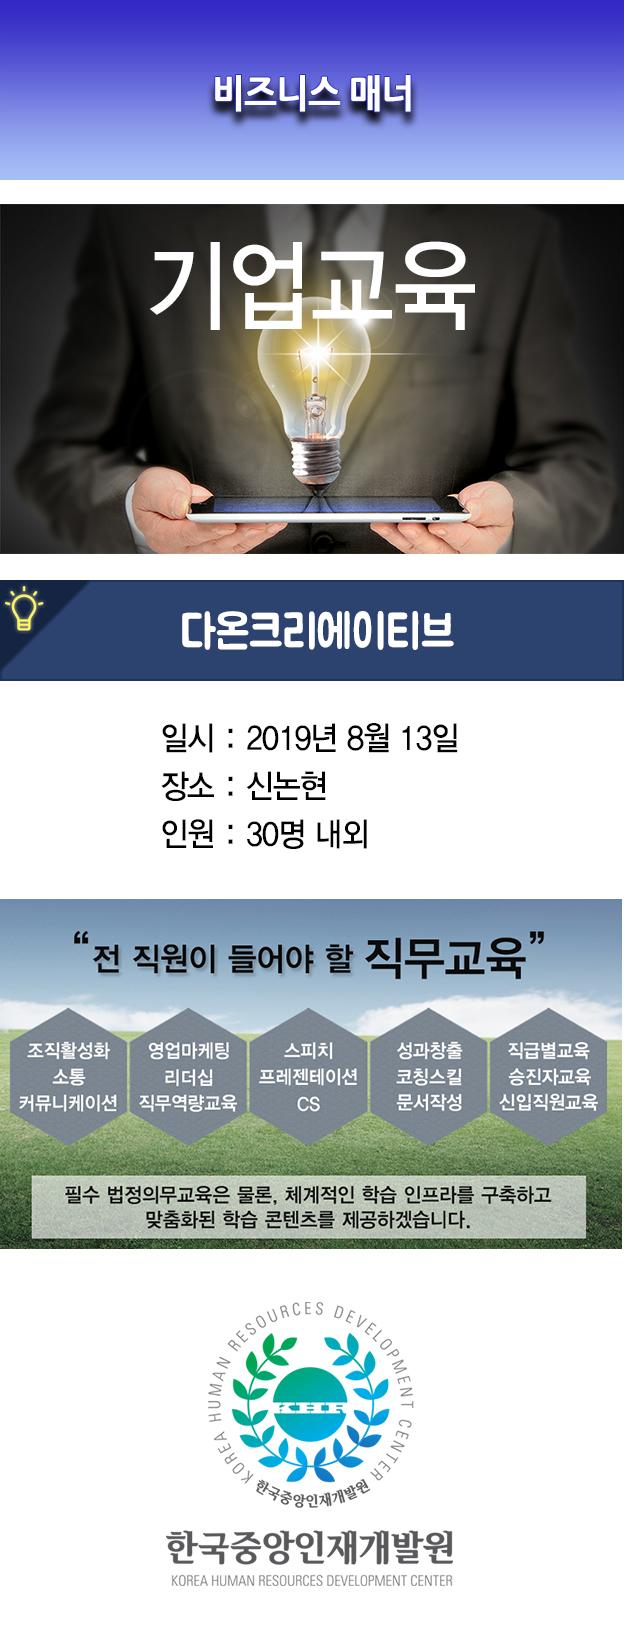 한국중앙인재개발원 공지사항_다온크리에이티브.jpg